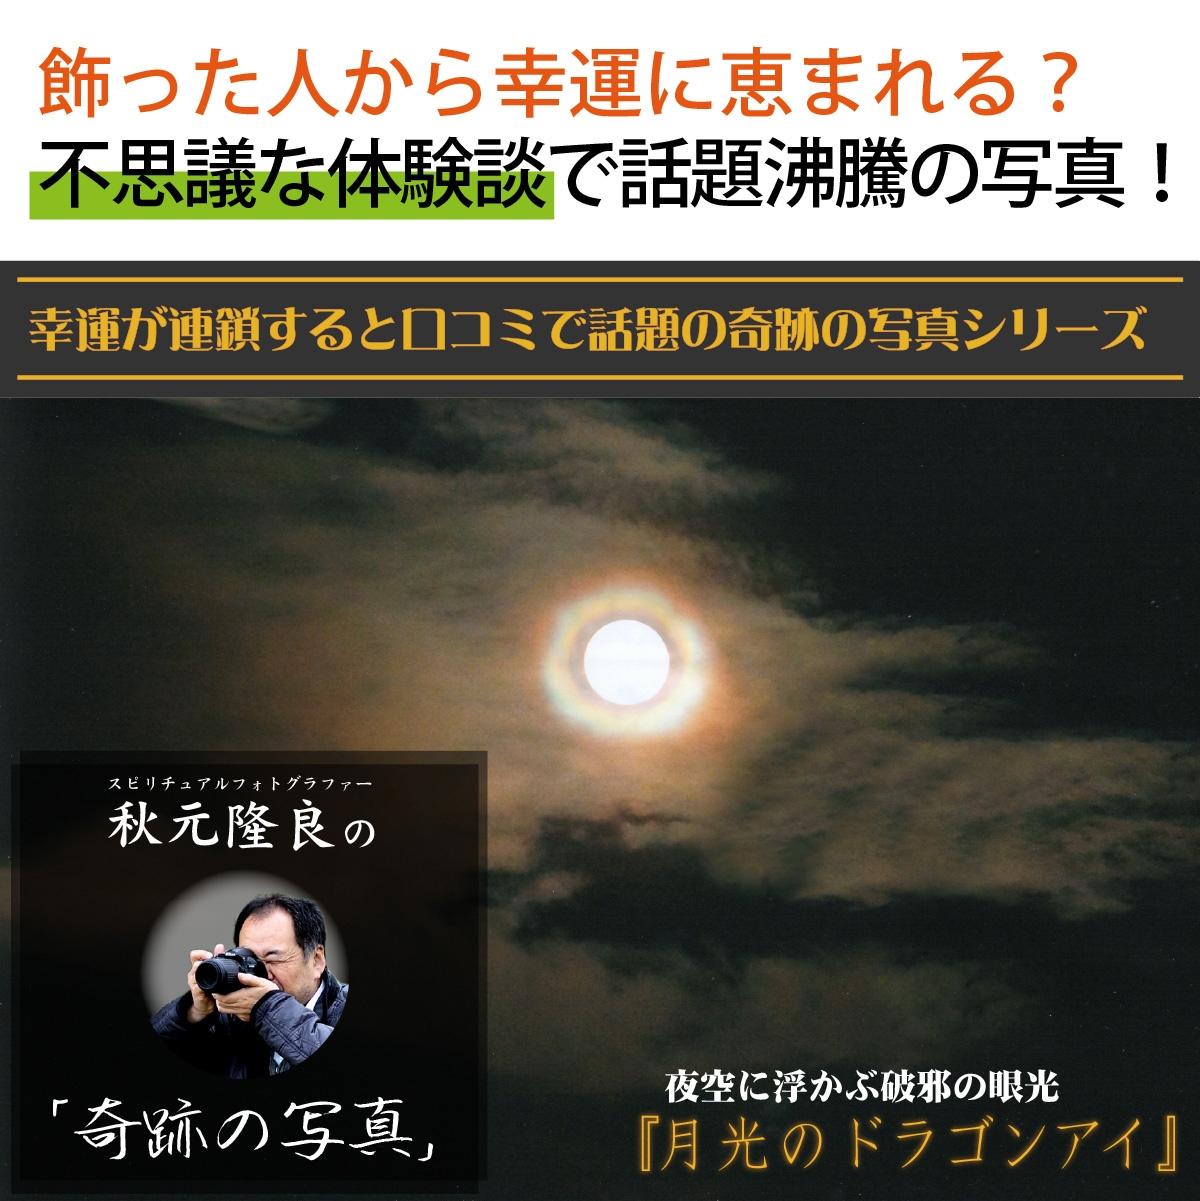 【奇跡の写真】月光のドラゴンアイ ≫飾るだけで幸運が連鎖すると話題!秋元隆良の開運フォト作品 開運グッズ